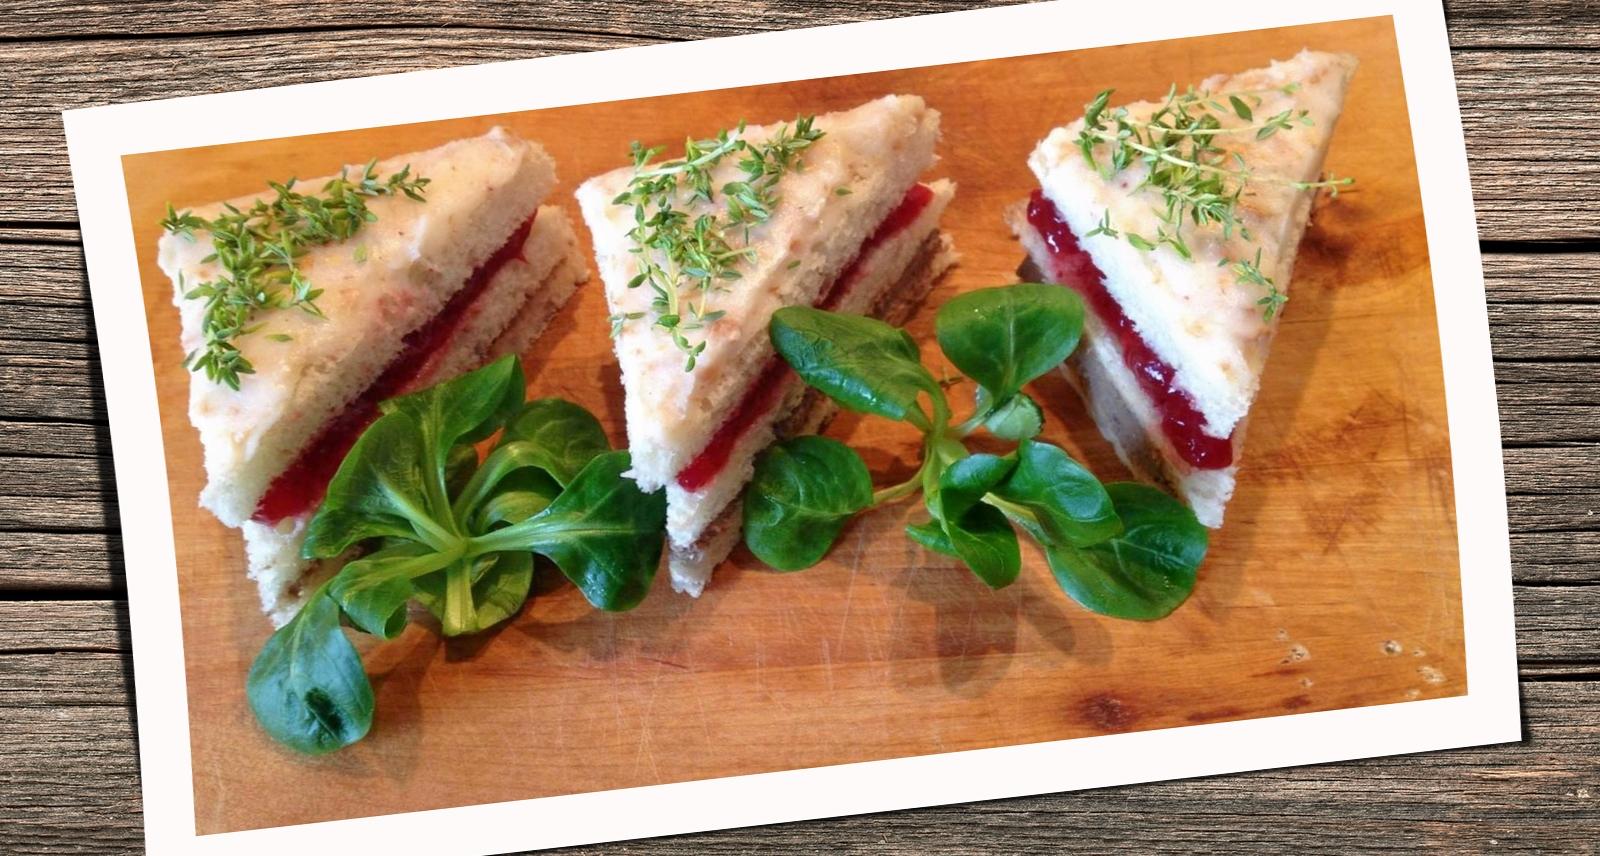 Mini torciki karnawałowe na chlebku z francuskim pate.